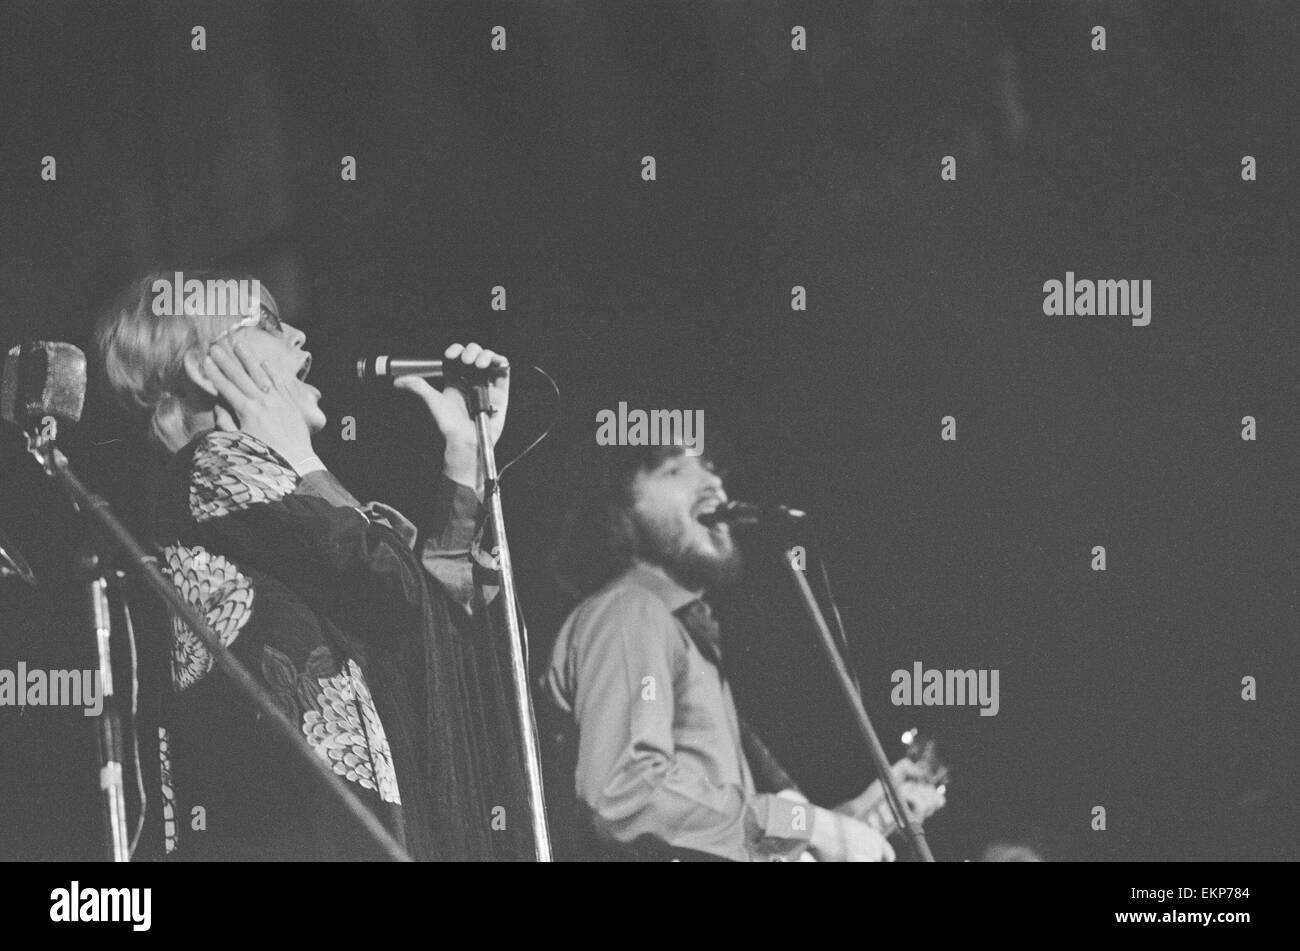 Delaney & Bonnie & Friends music concierto en el Ayuntamiento de Birmingham hasta el 4 de diciembre de 1969. Nota: Foto de stock